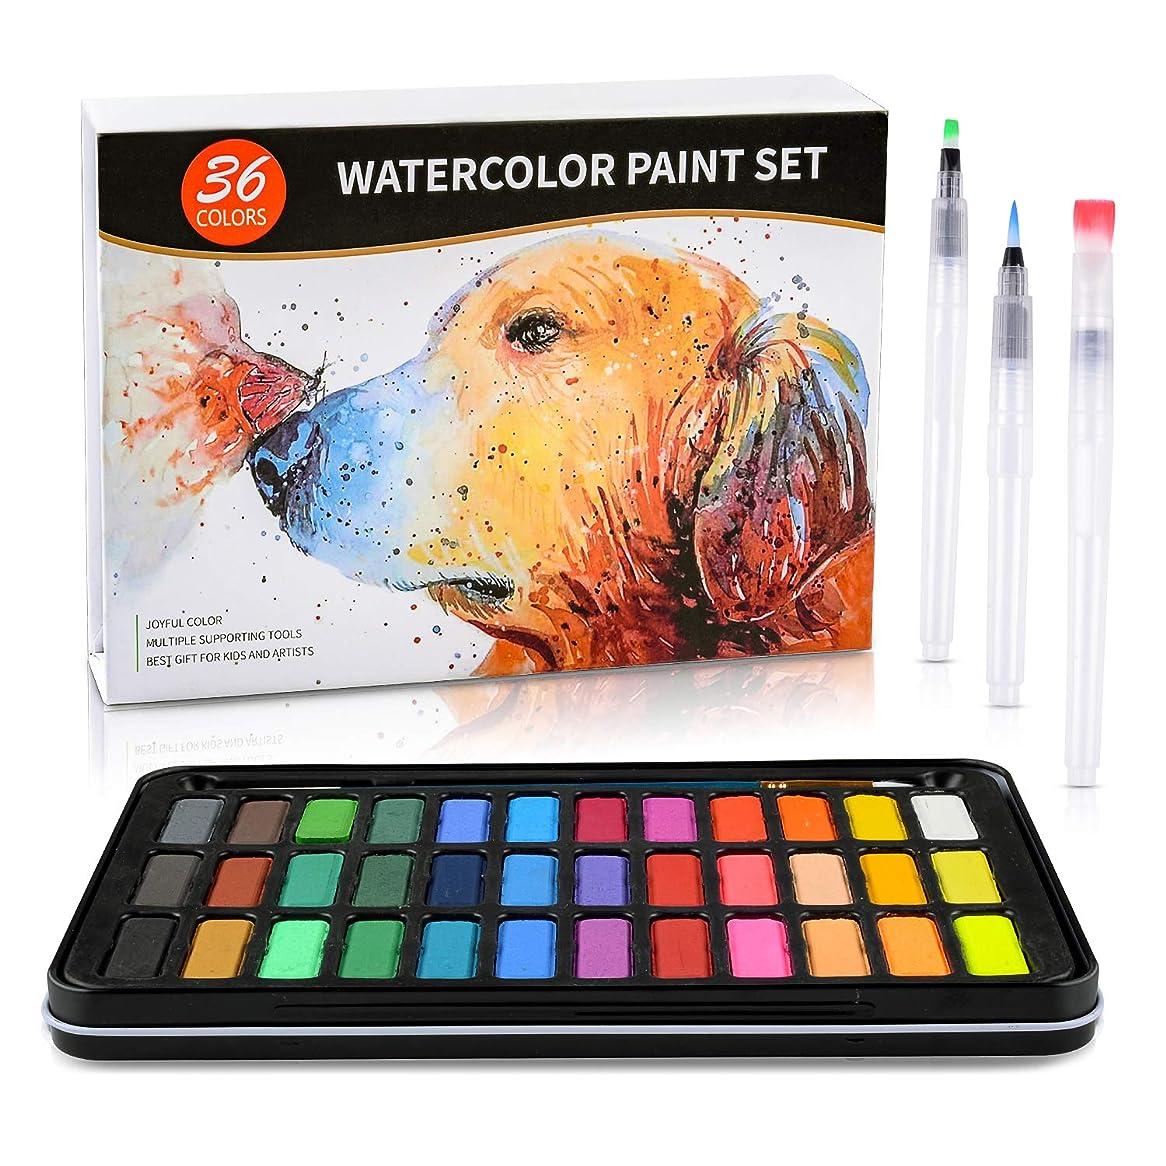 イーウェル農村リル水彩絵の具セット - 36色の楽しい色の軽量メタルケース入り - 細かな絵筆1本 - 水筆3本 - 300Gの水彩画用紙8本 子供やアート愛好家に最適なギフトボックス入り